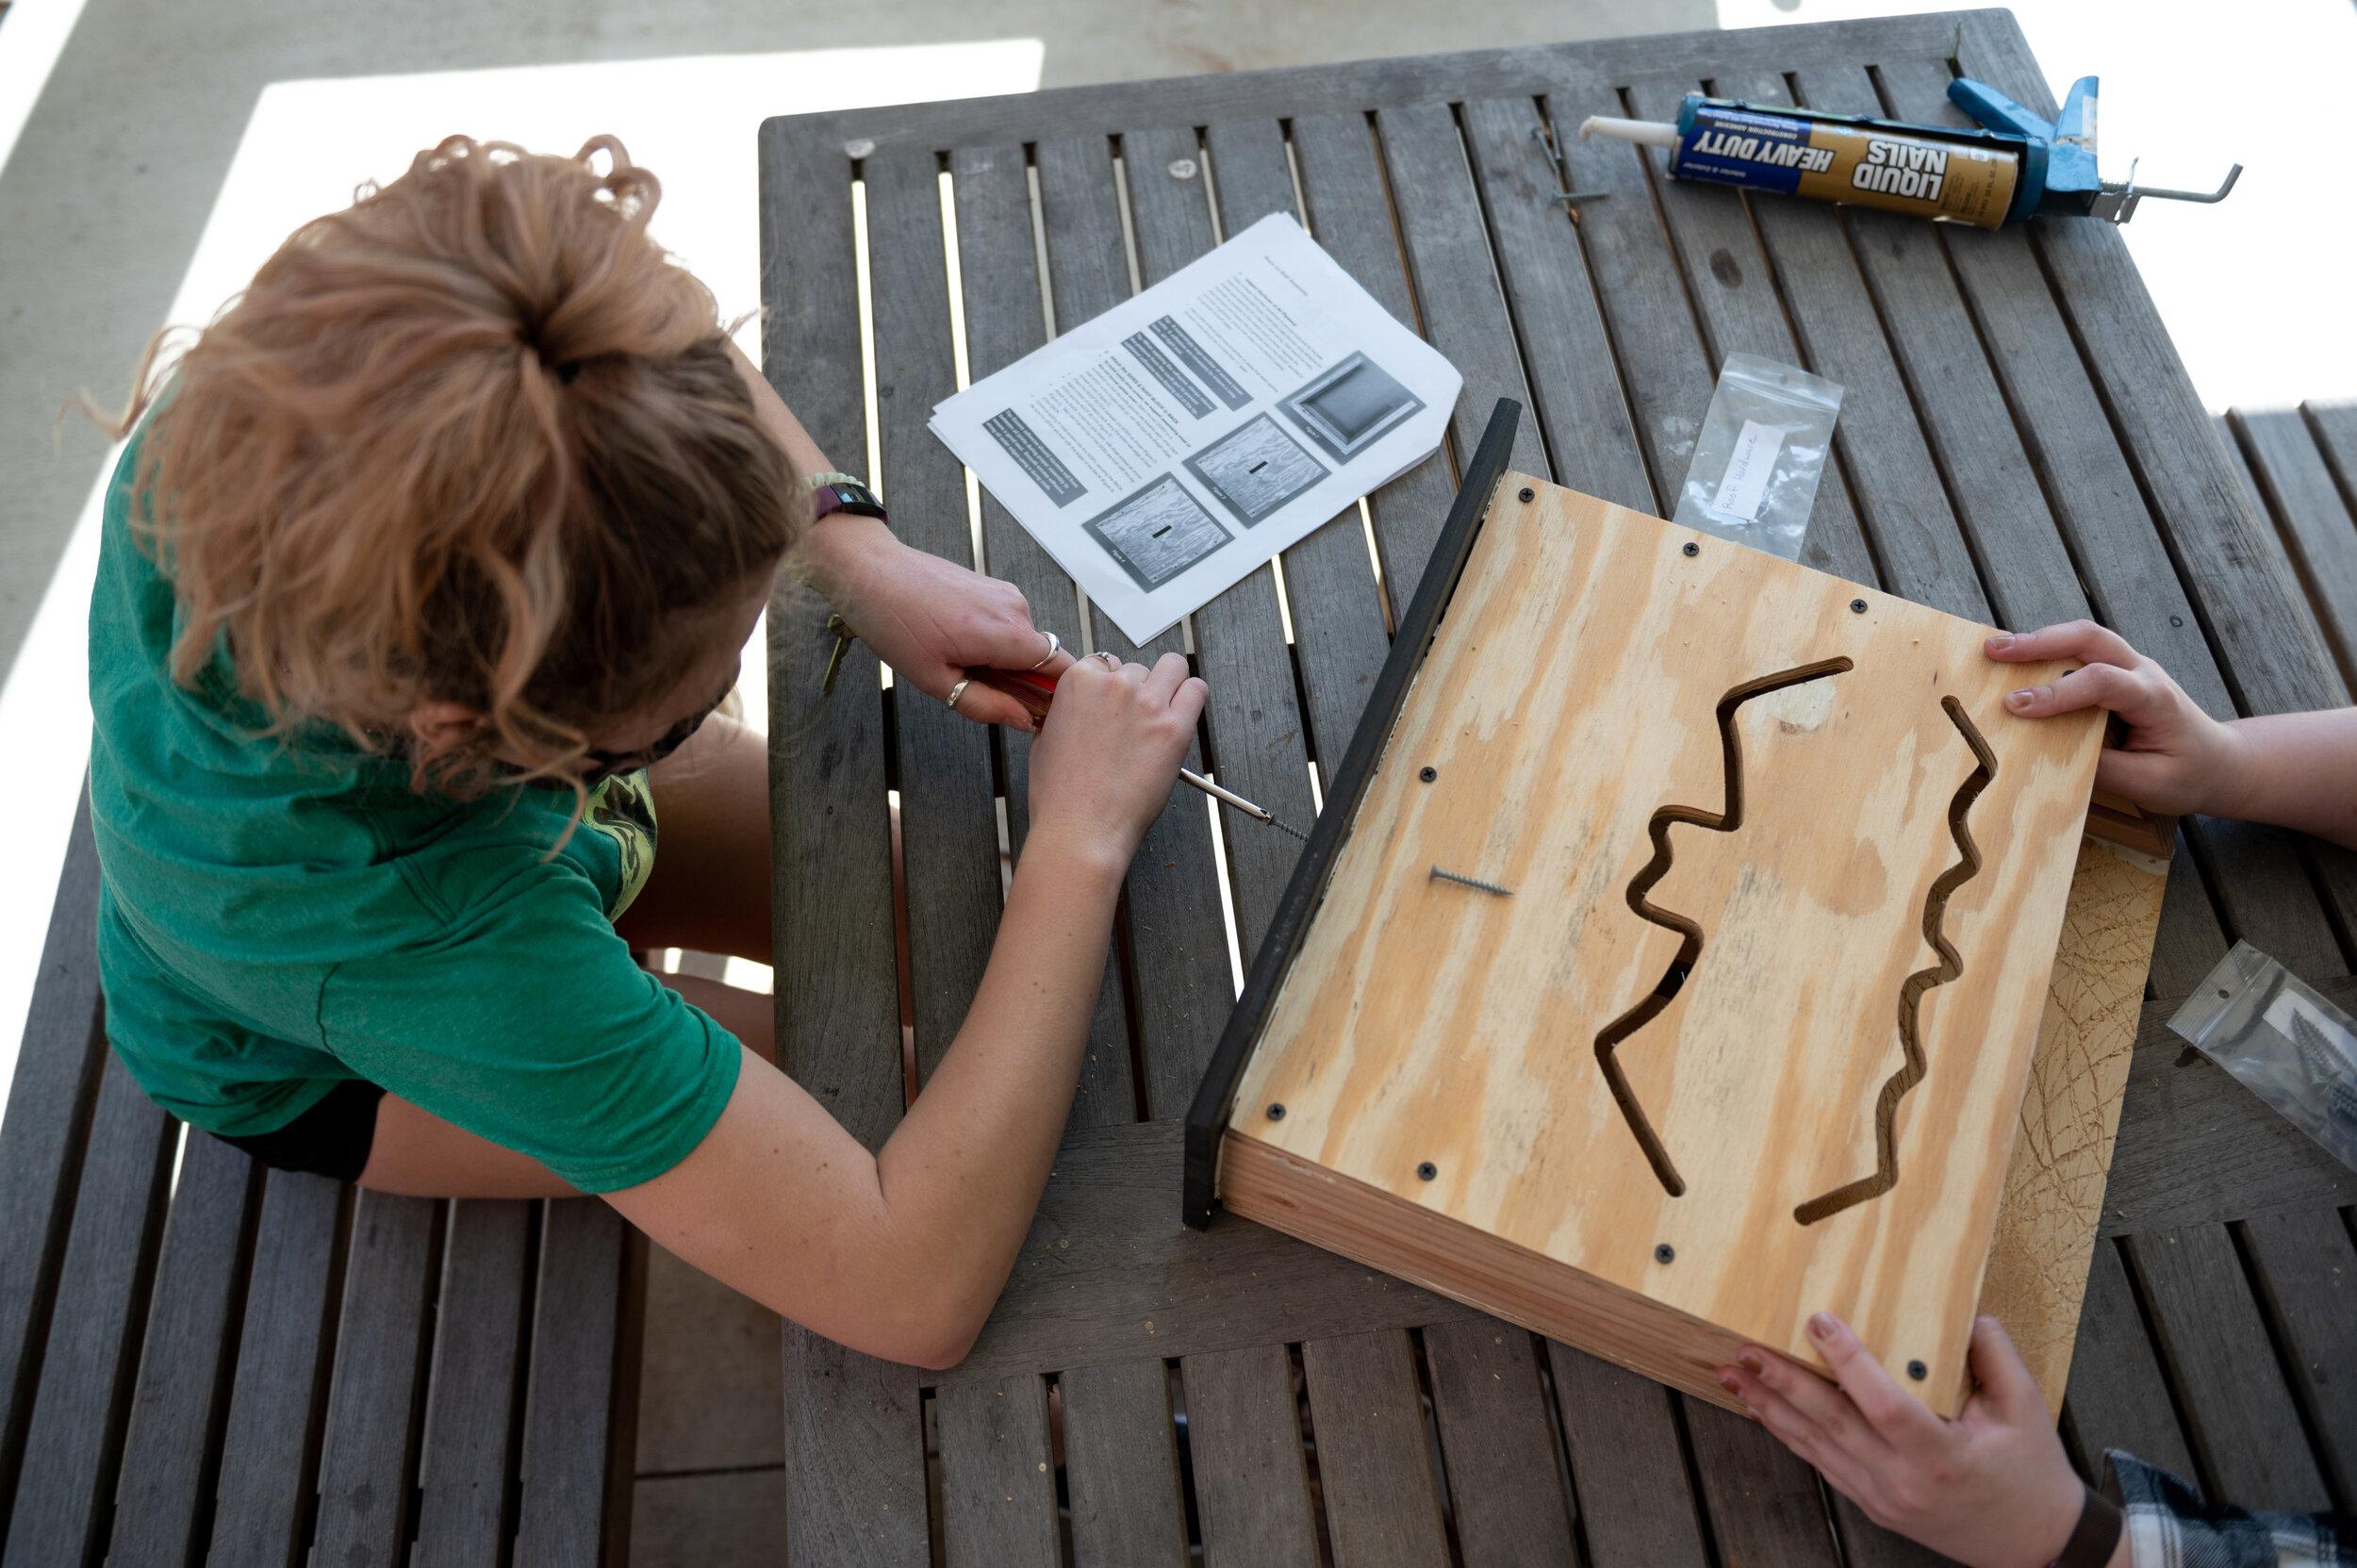 学生们将在绿色屋顶上建造一个蝙蝠屋。(图片:斯蒂尔·布鲁克斯,新闻摄影硕士)beplay体育欧洲杯买球官网